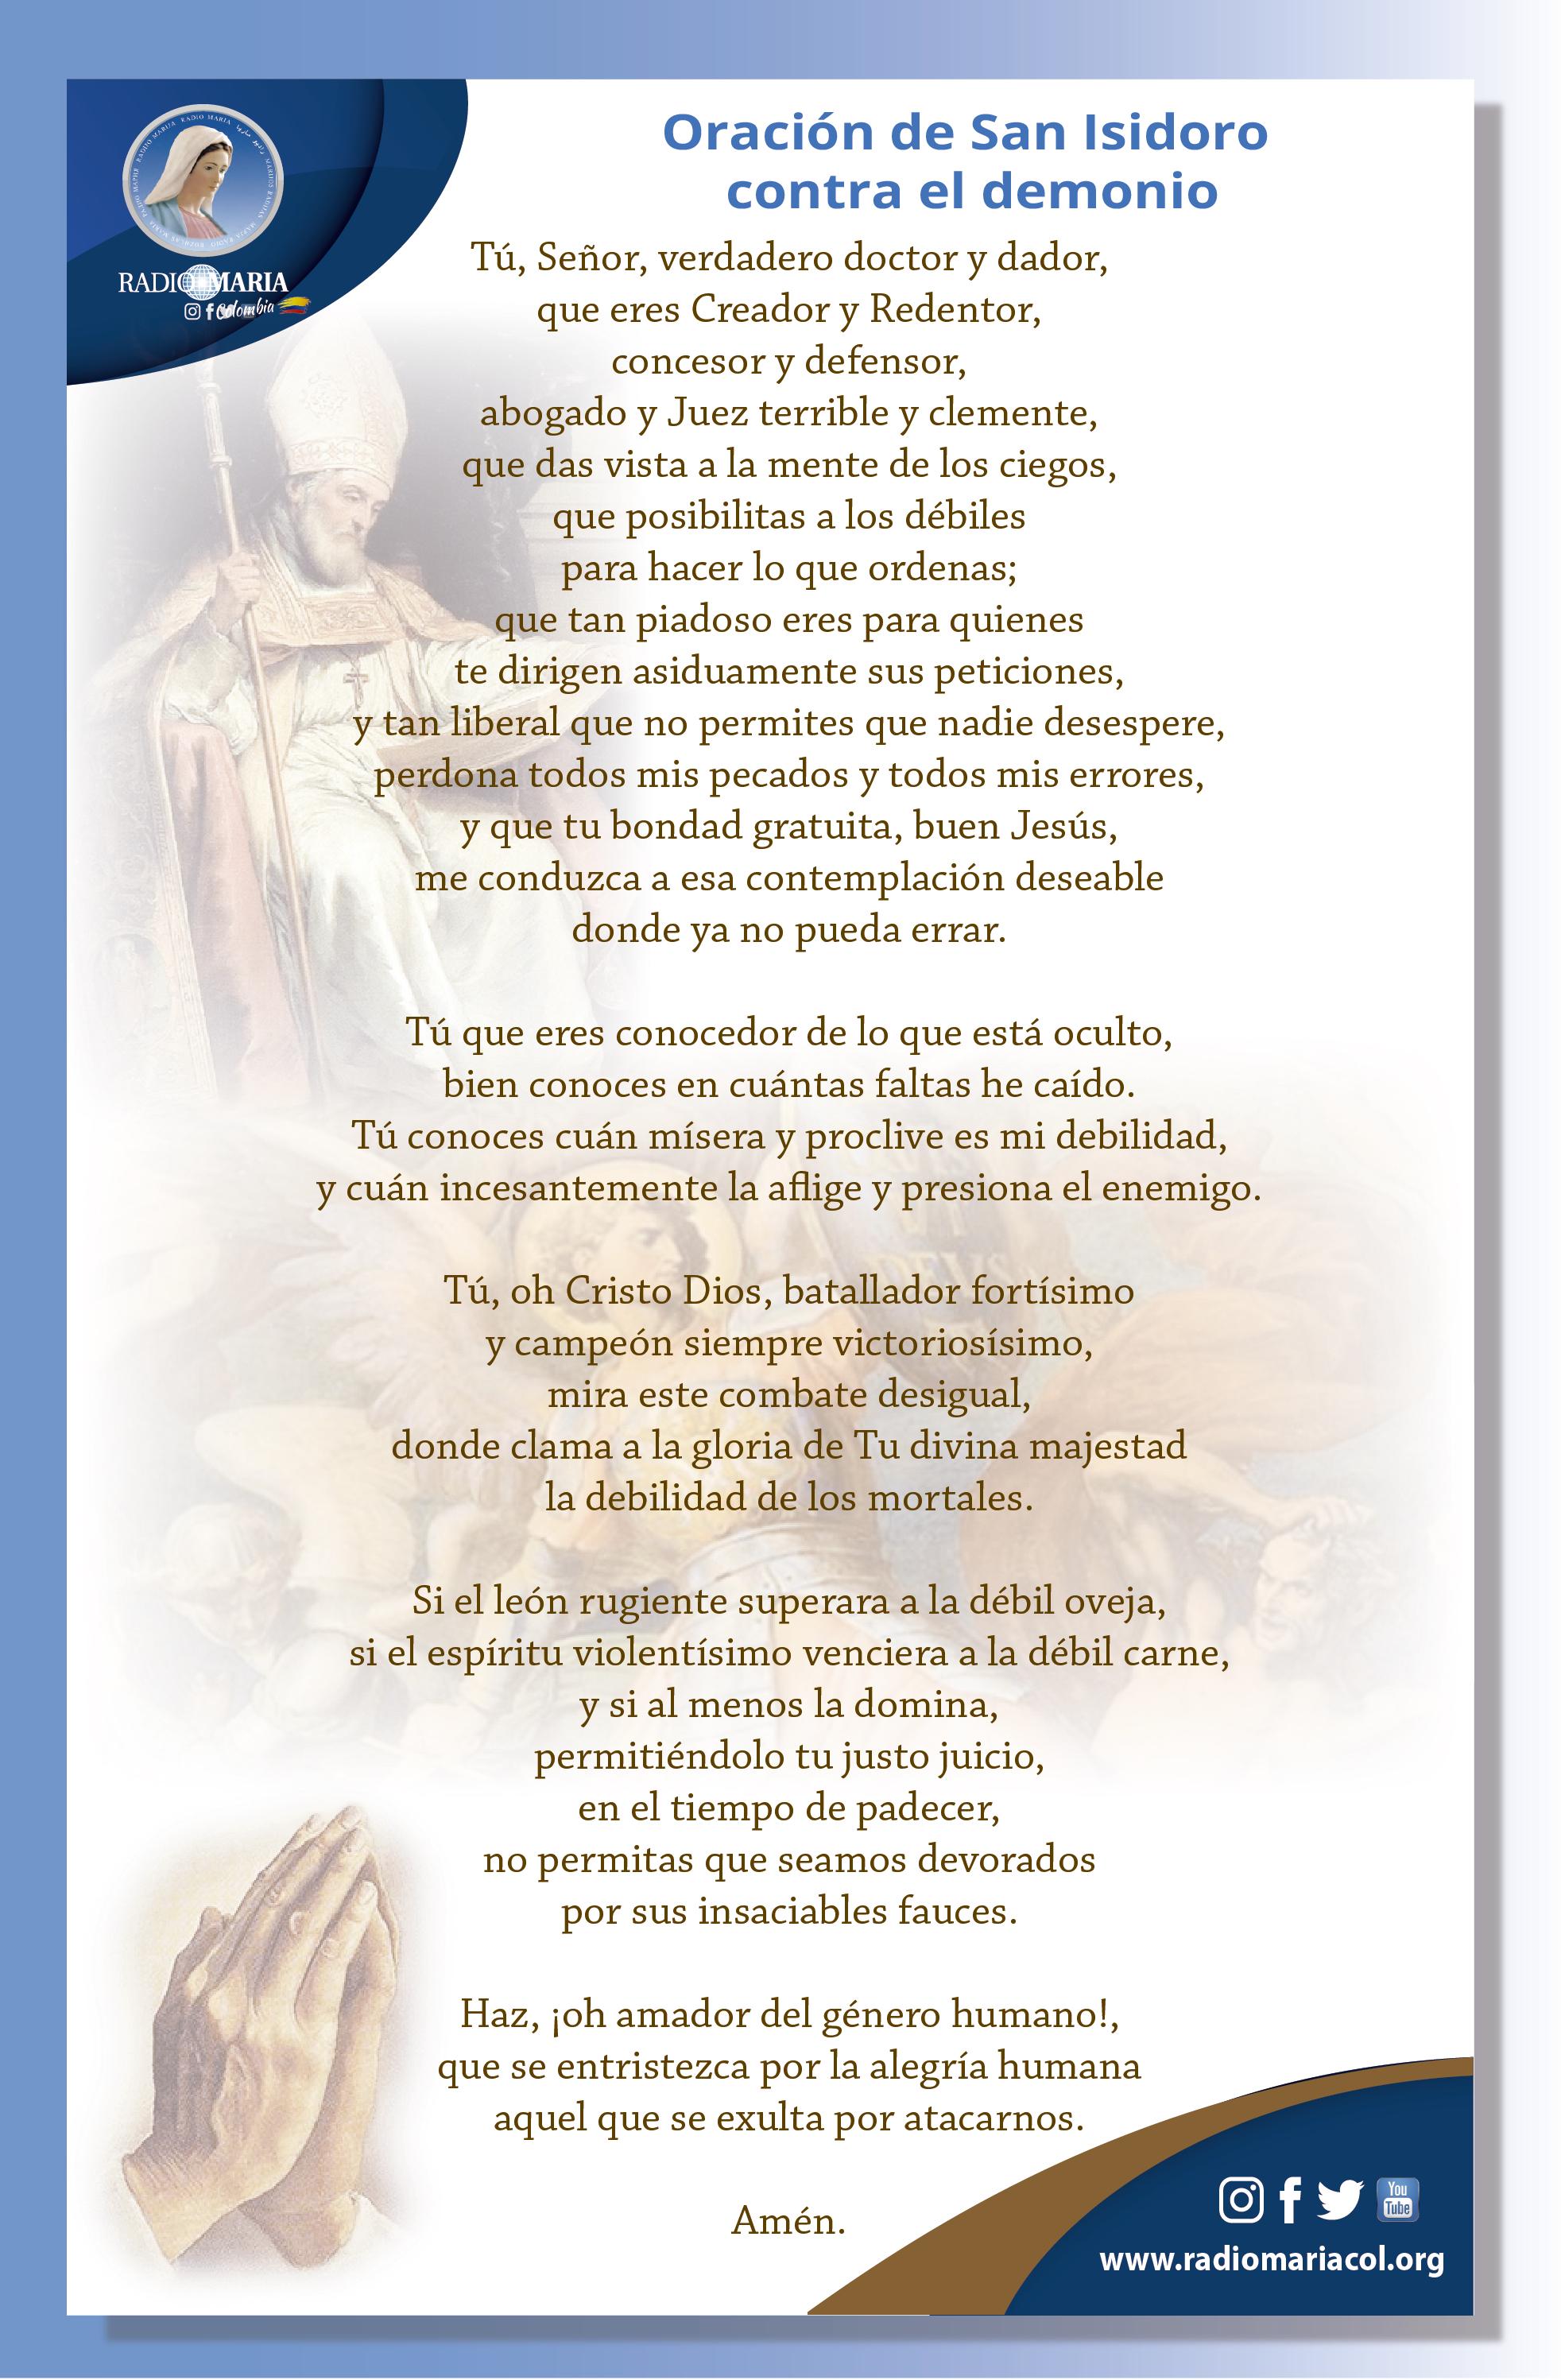 Oración de San Isidoro contra el demonio